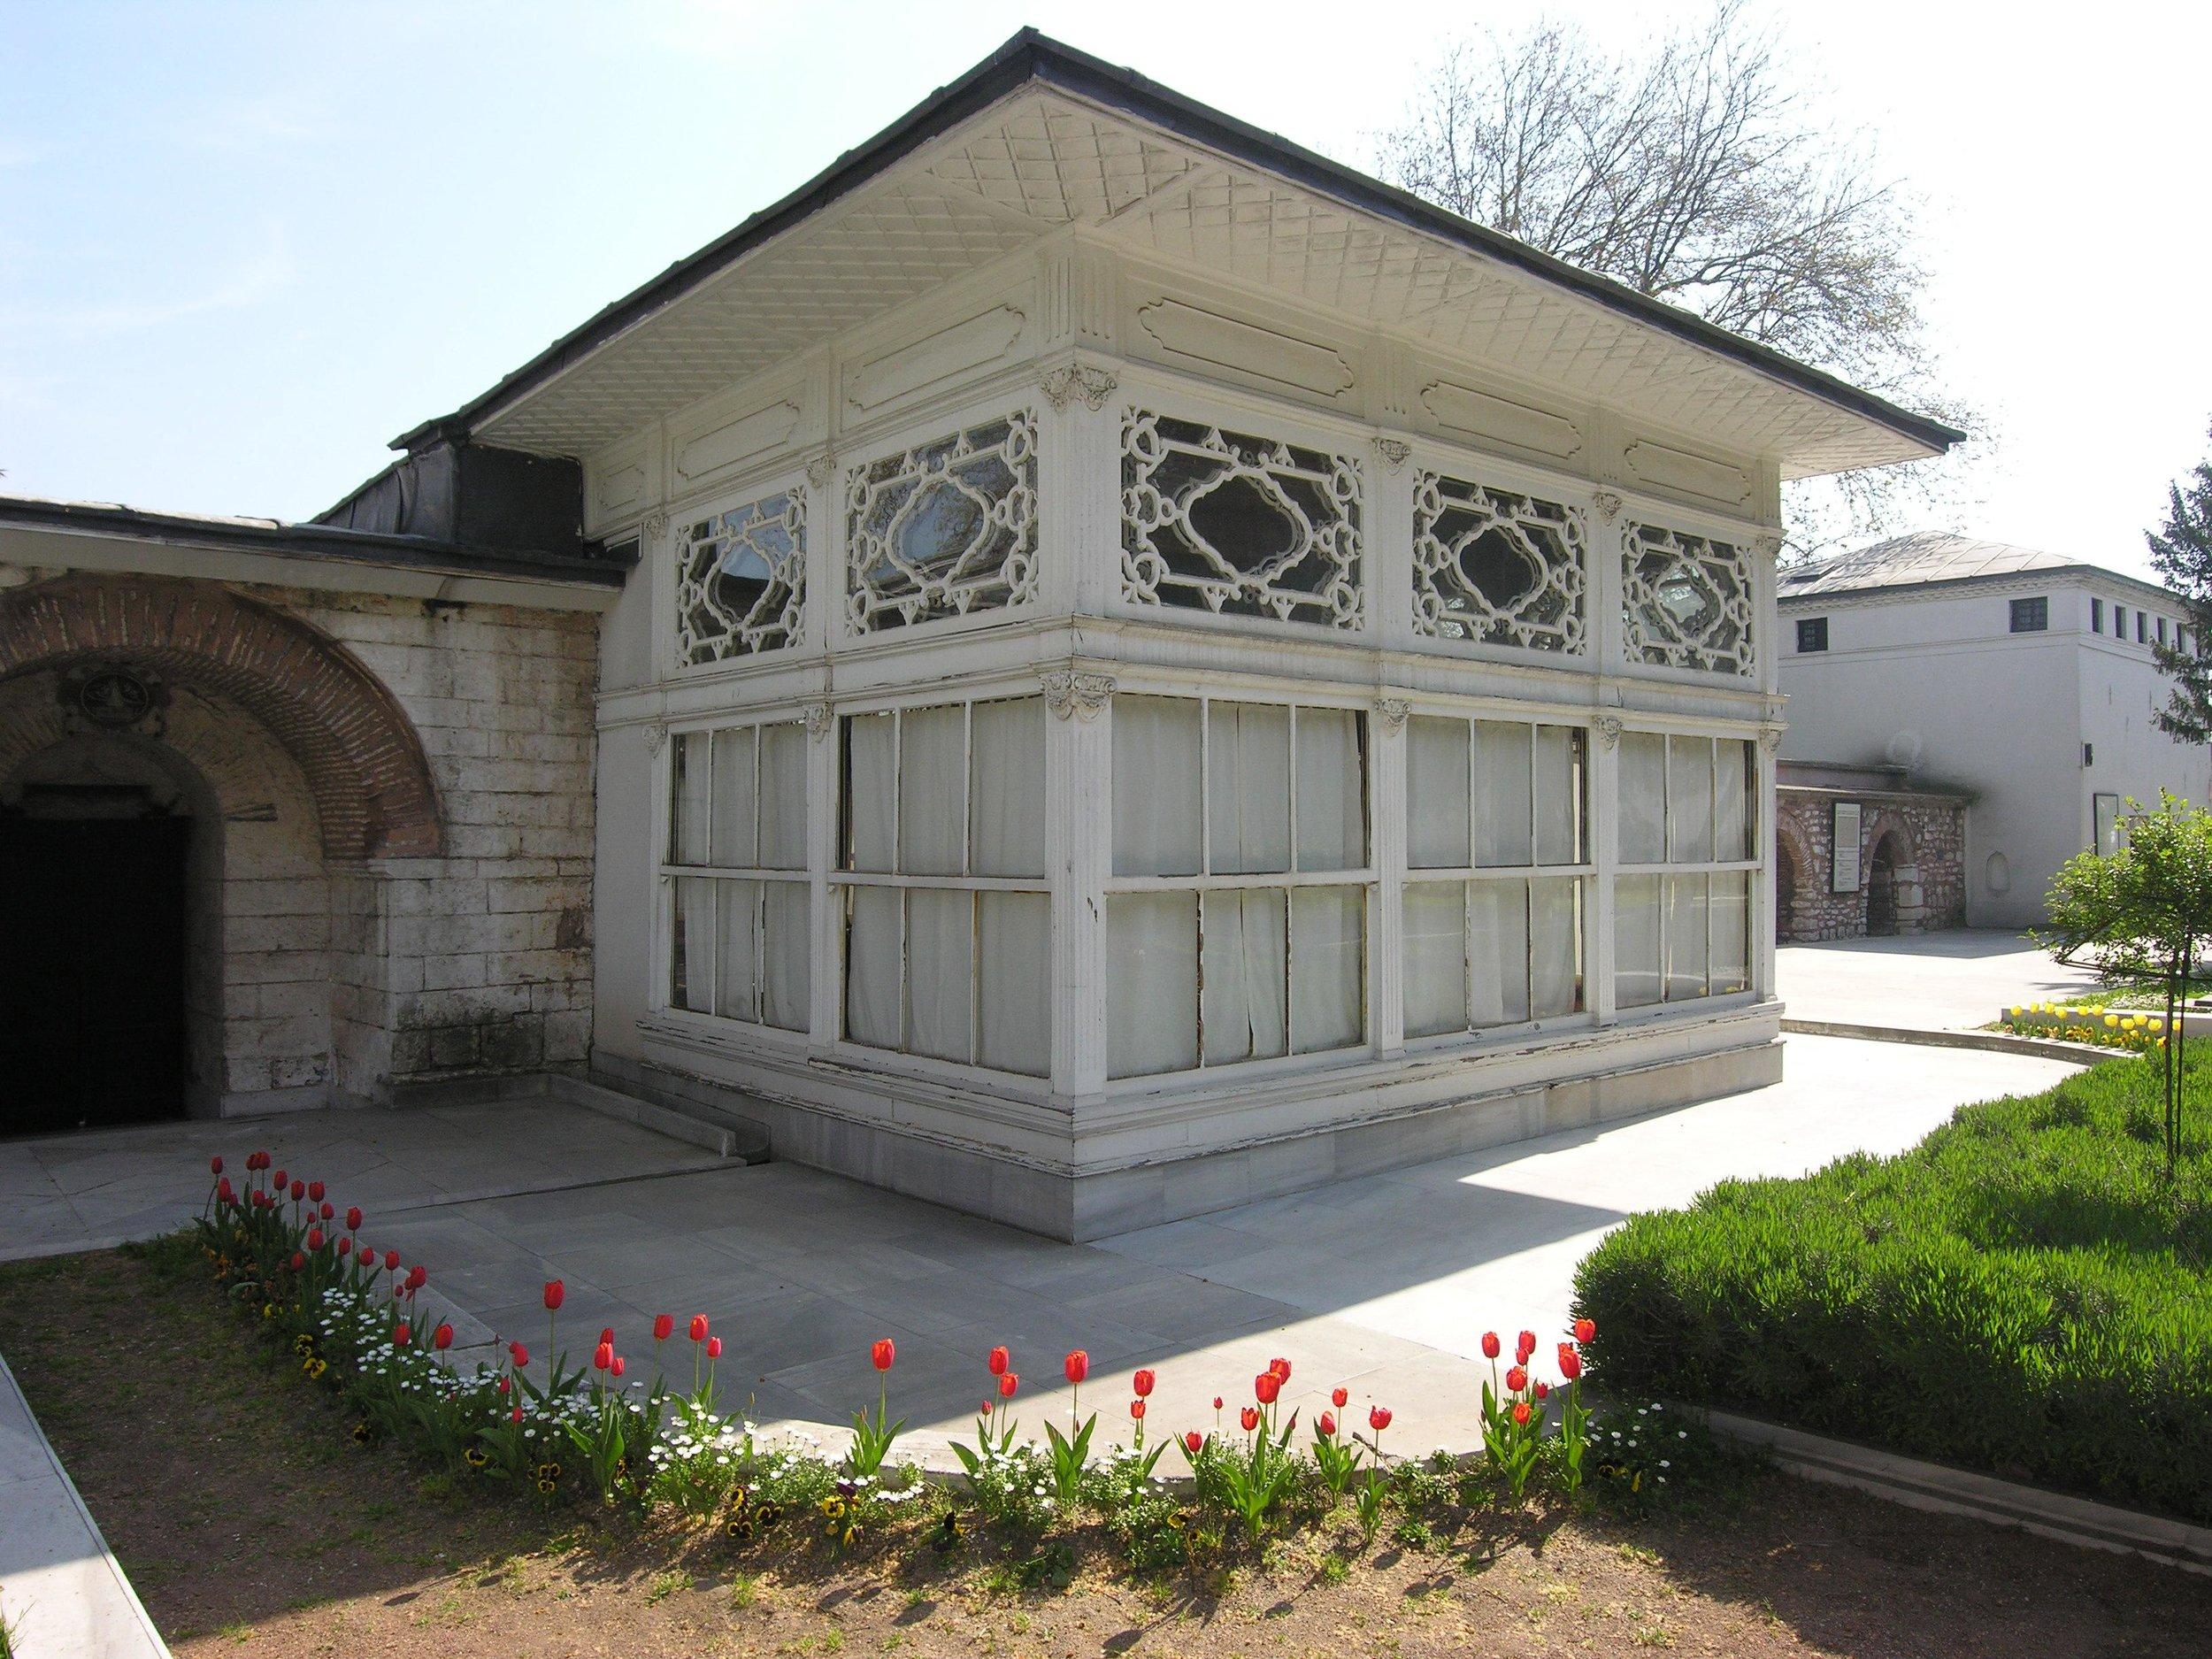 built in 1648 in the 'Turkish Rococo' architectural style (photo credit: topkapisarayi.gov.tr)